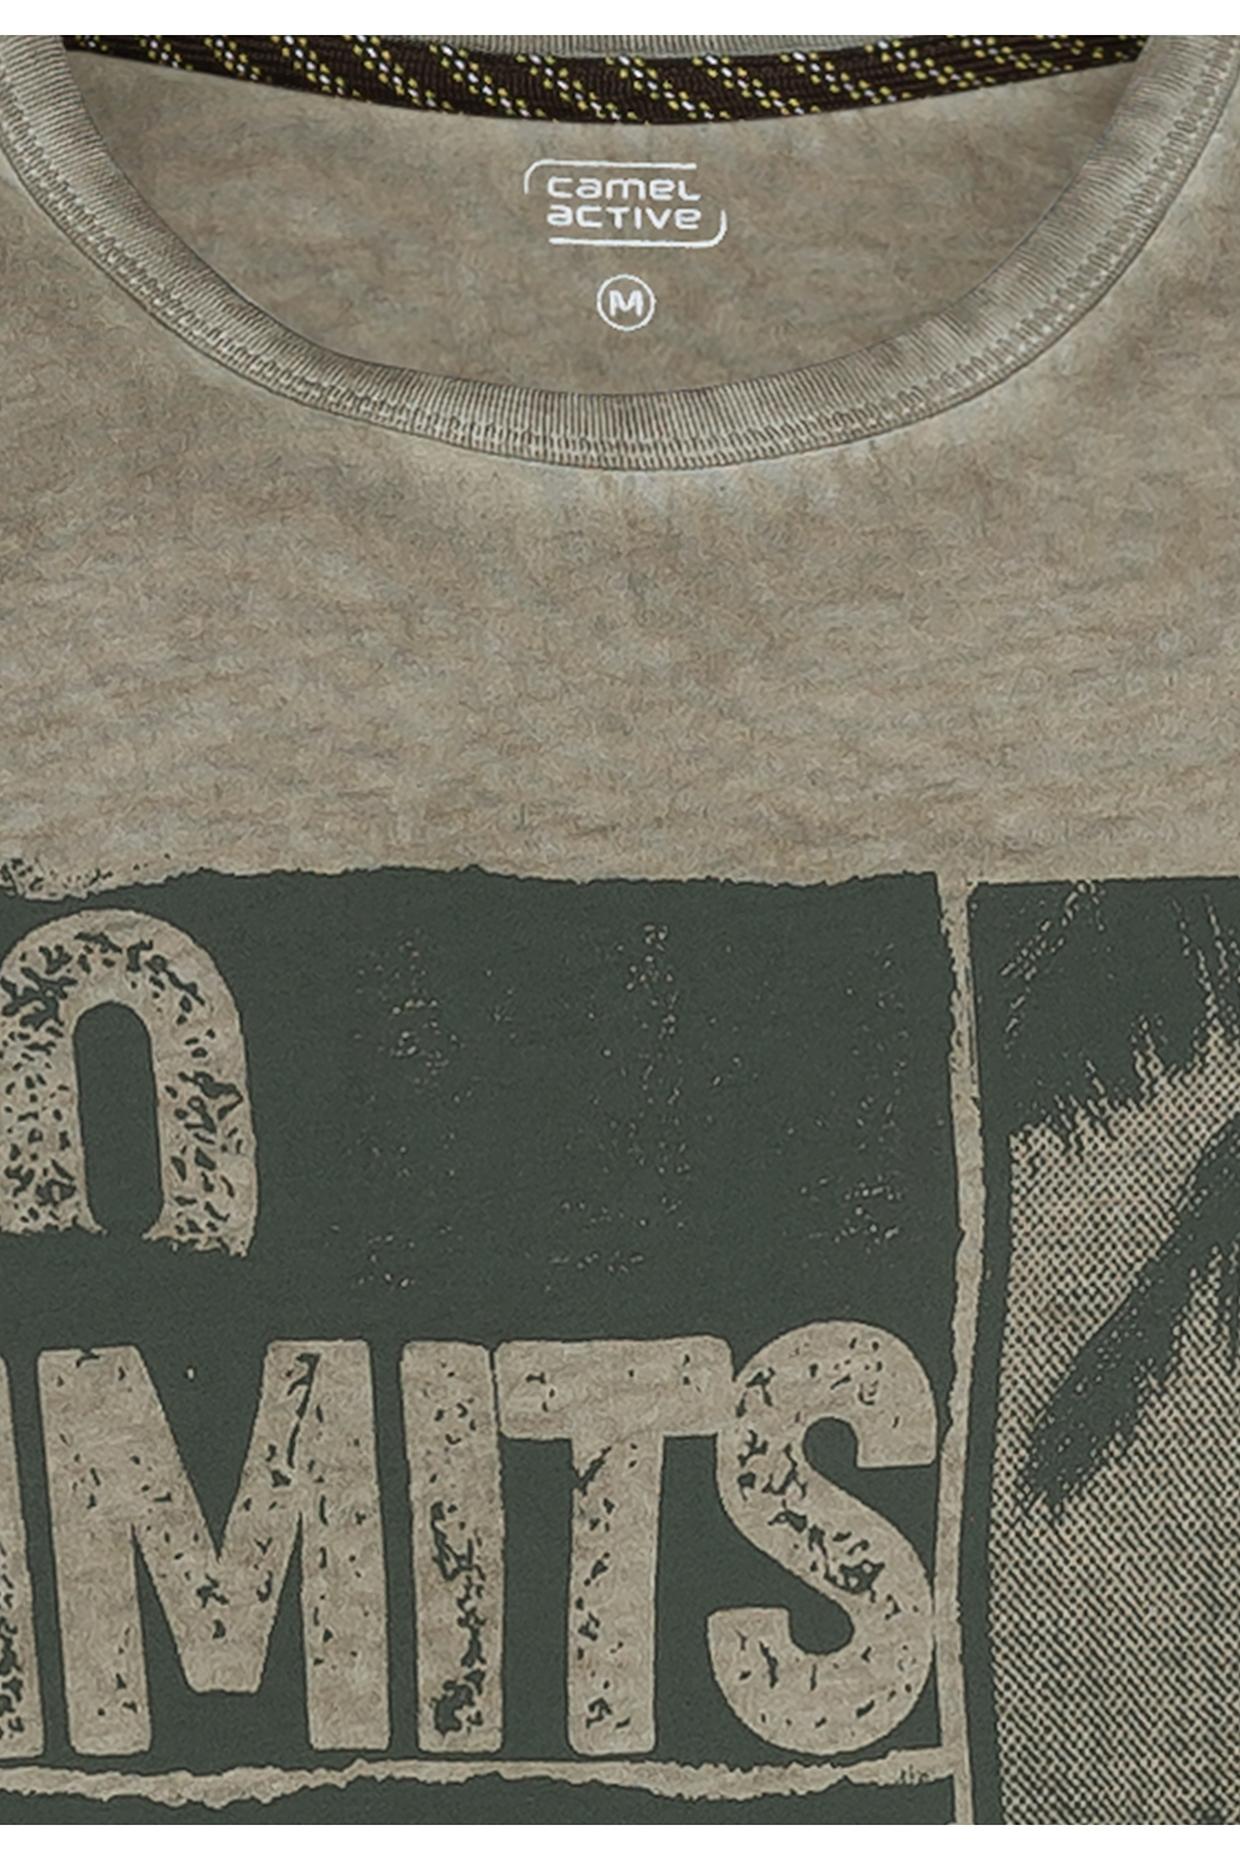 Camel active T-Shirt Khaki grün Print 5T27409643 31